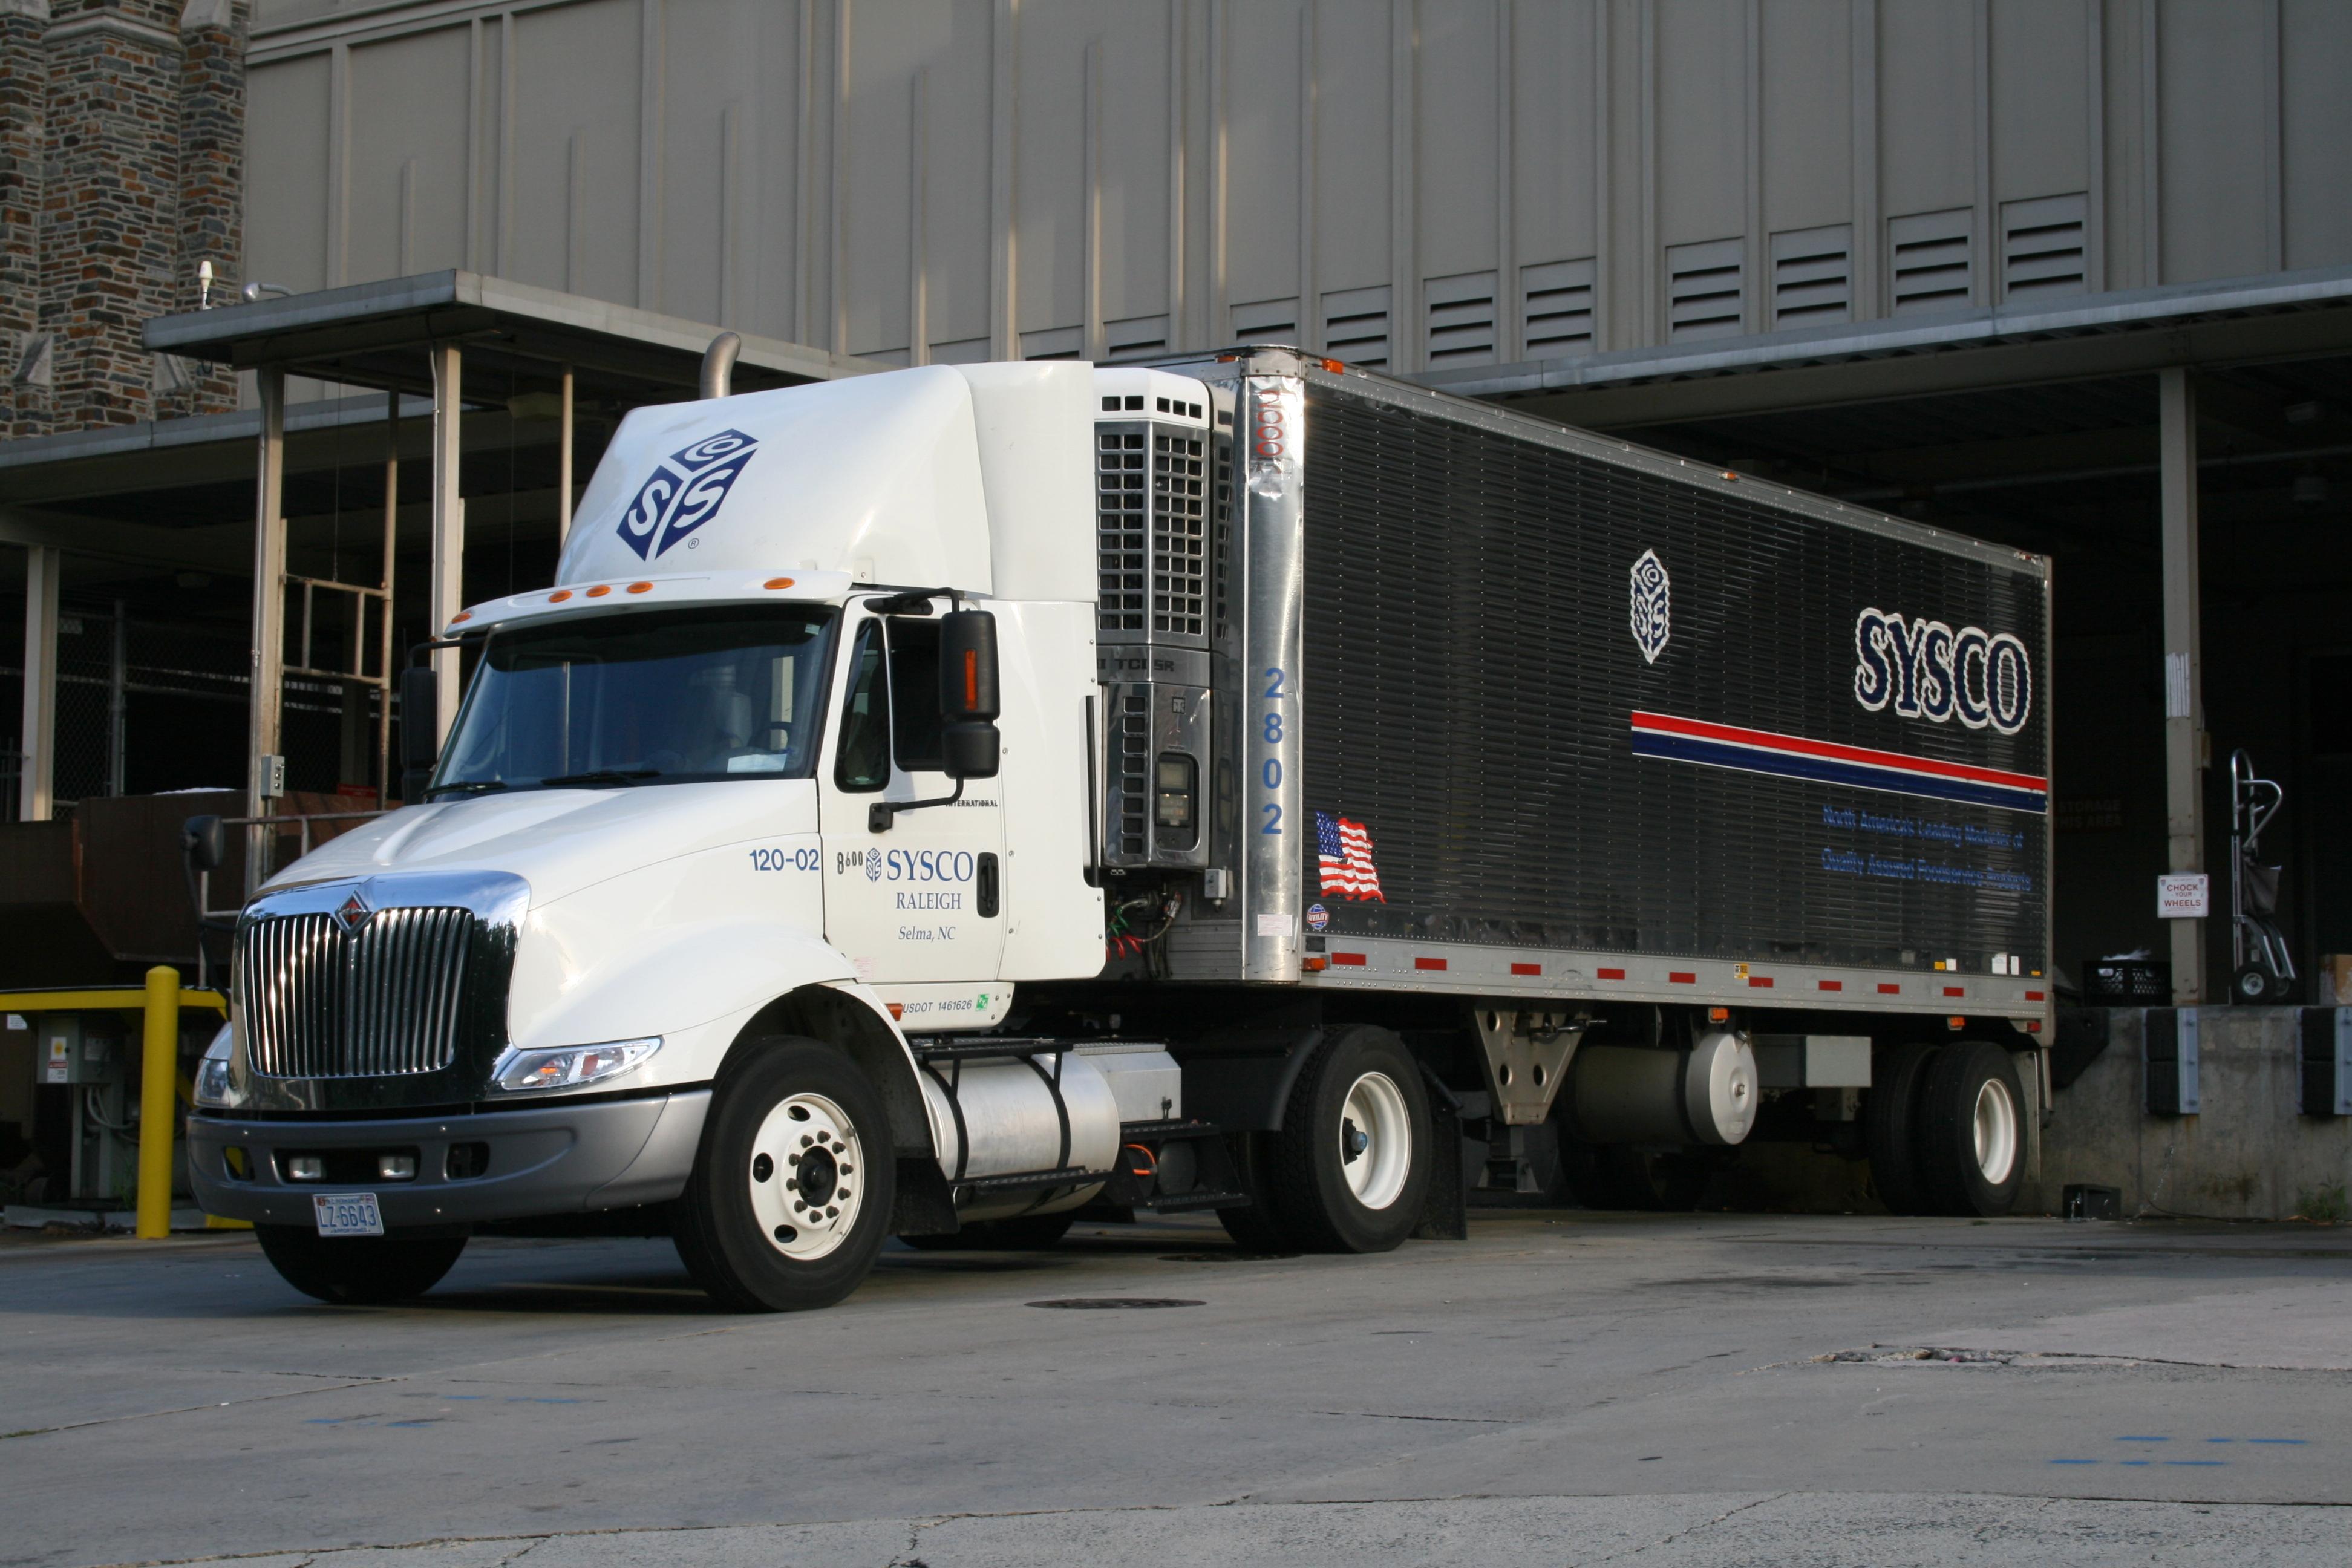 2008-07-24_International_truck_docked_at_Duke_Hospital_South_2